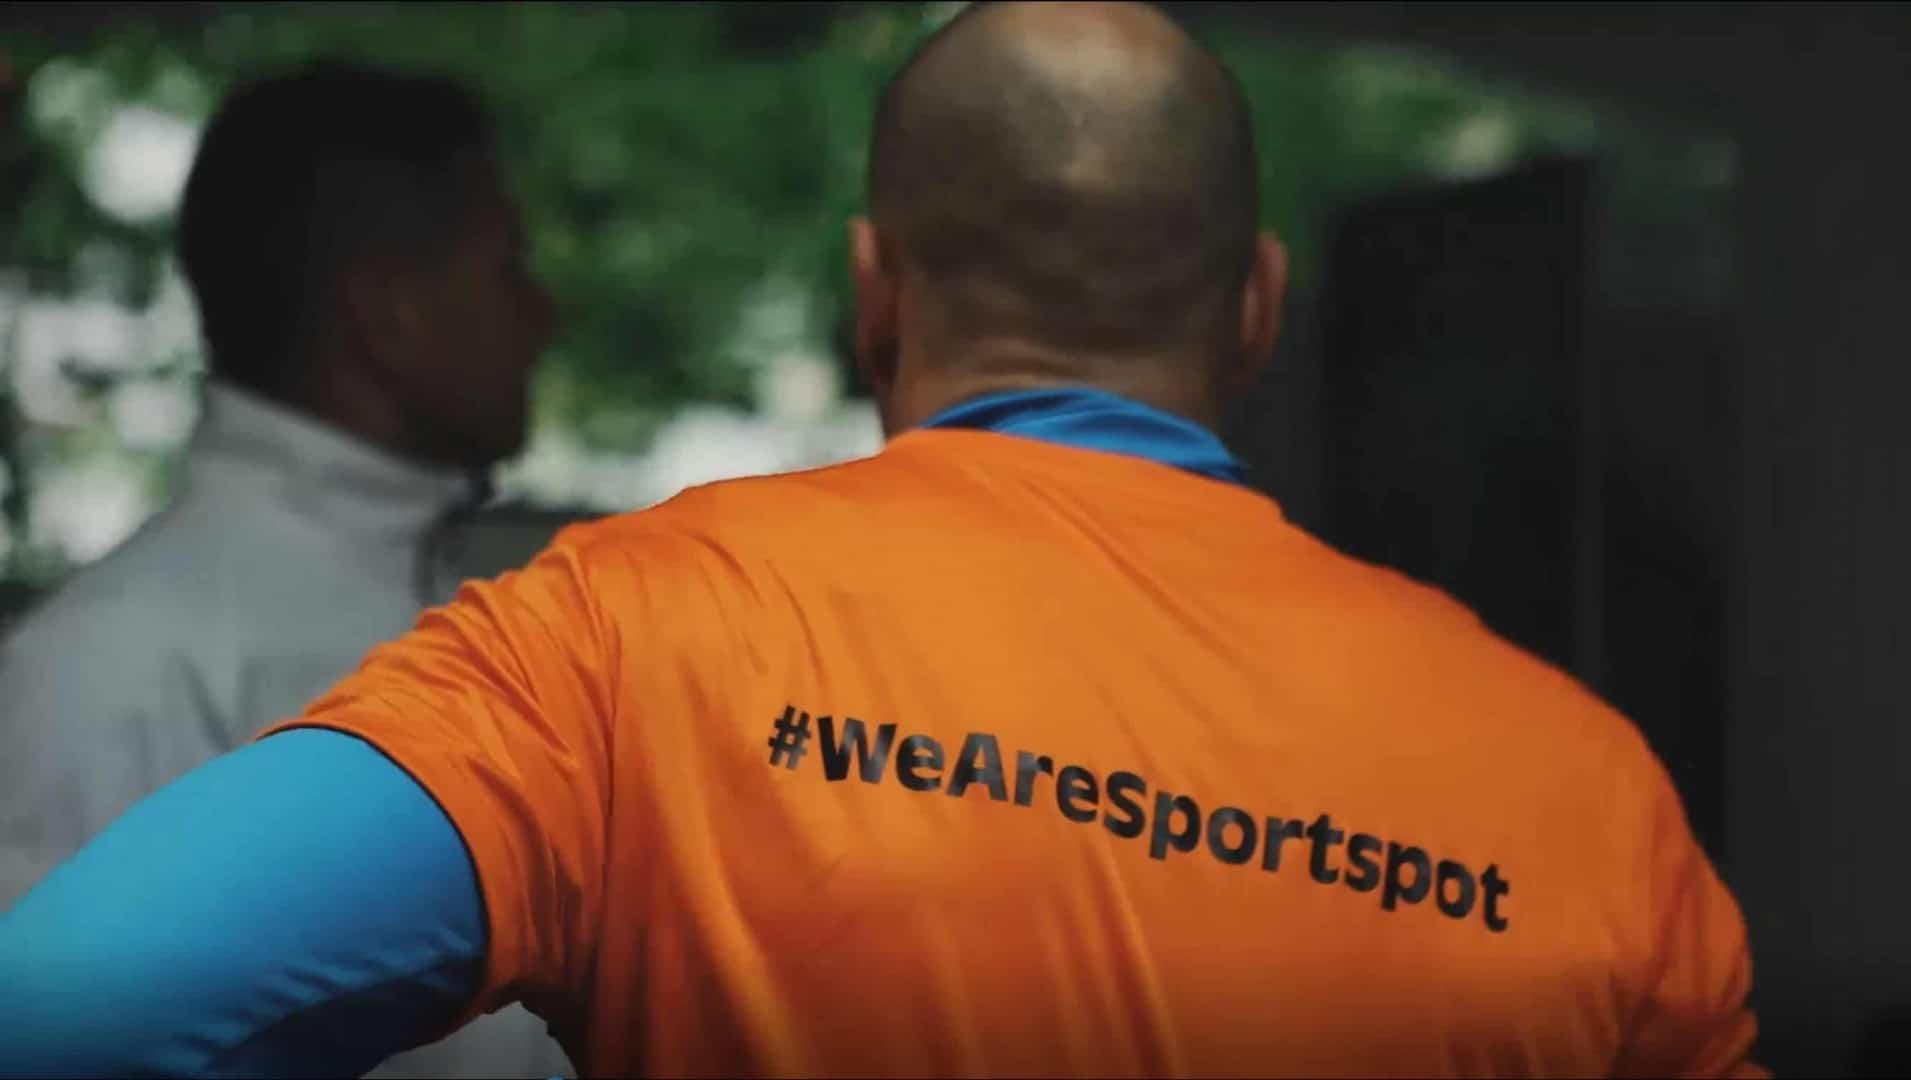 Sportspot - Yritysmaraton-paita-wearesportspot - amin asikainen